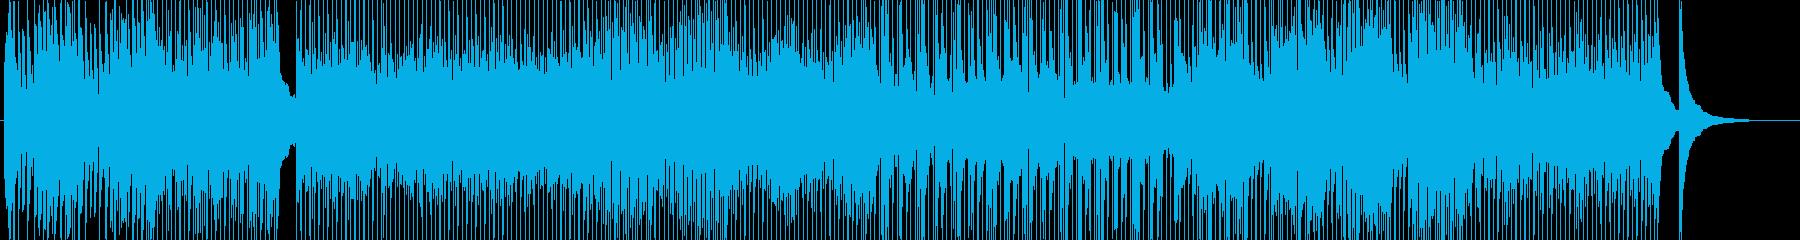 明るいOP-番組-TV-アニメ-アタックの再生済みの波形